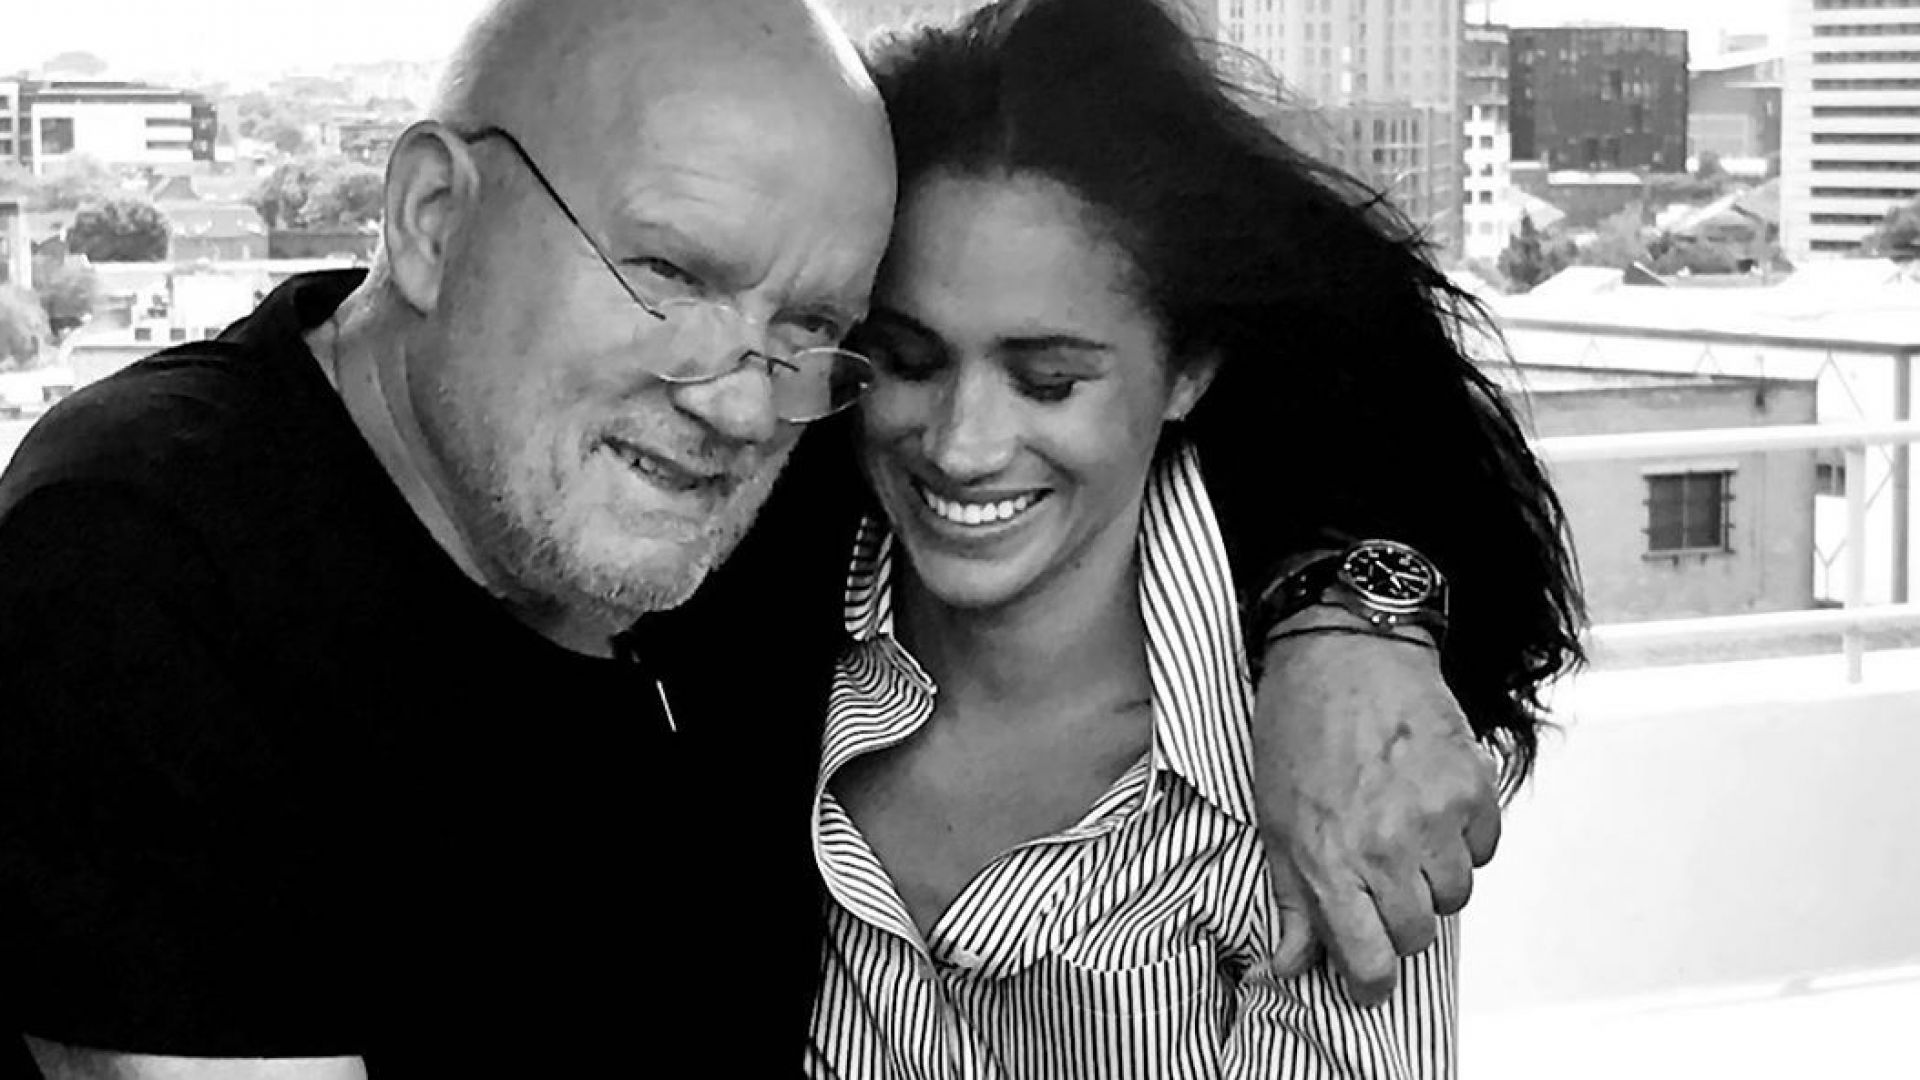 Меган Маркъл сподели невиждана досега снимка с Петер Линдберг